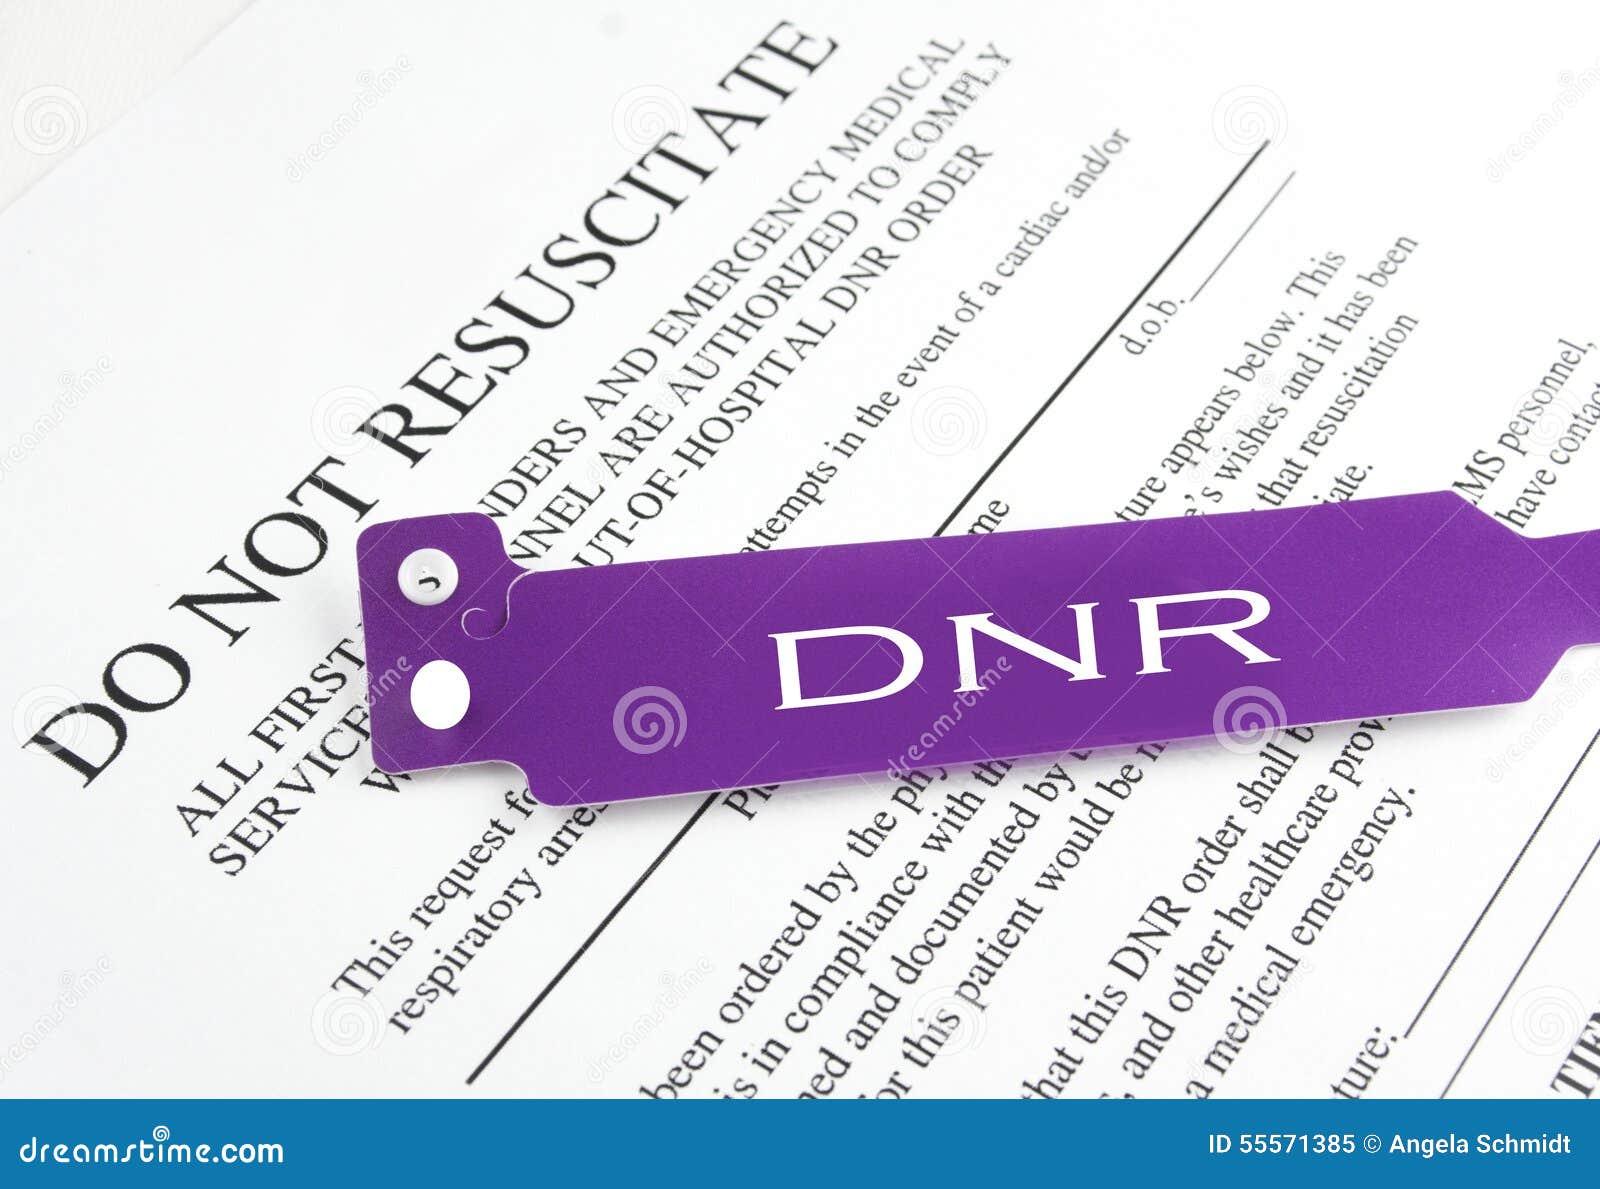 Do Not Resuscitate Form Photo Image 55571385 – Do Not Resuscitate Forms